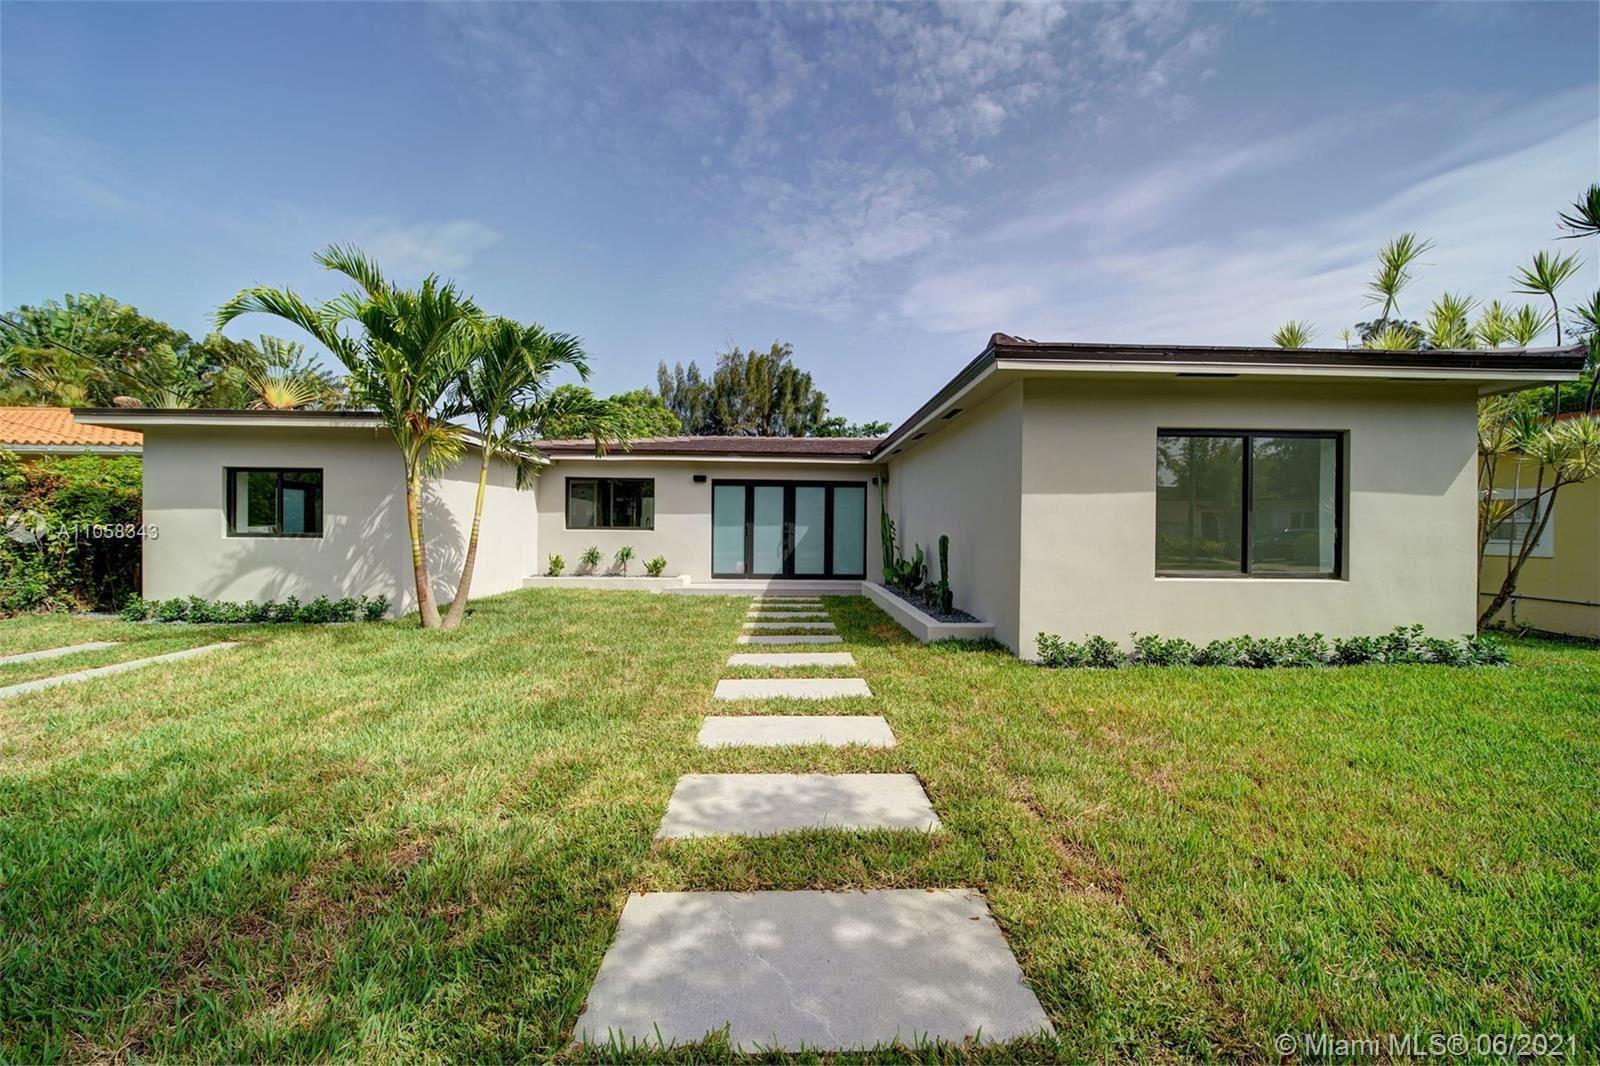 465 S Shore Dr, Miami Beach, FL 33141 - #: A11058343